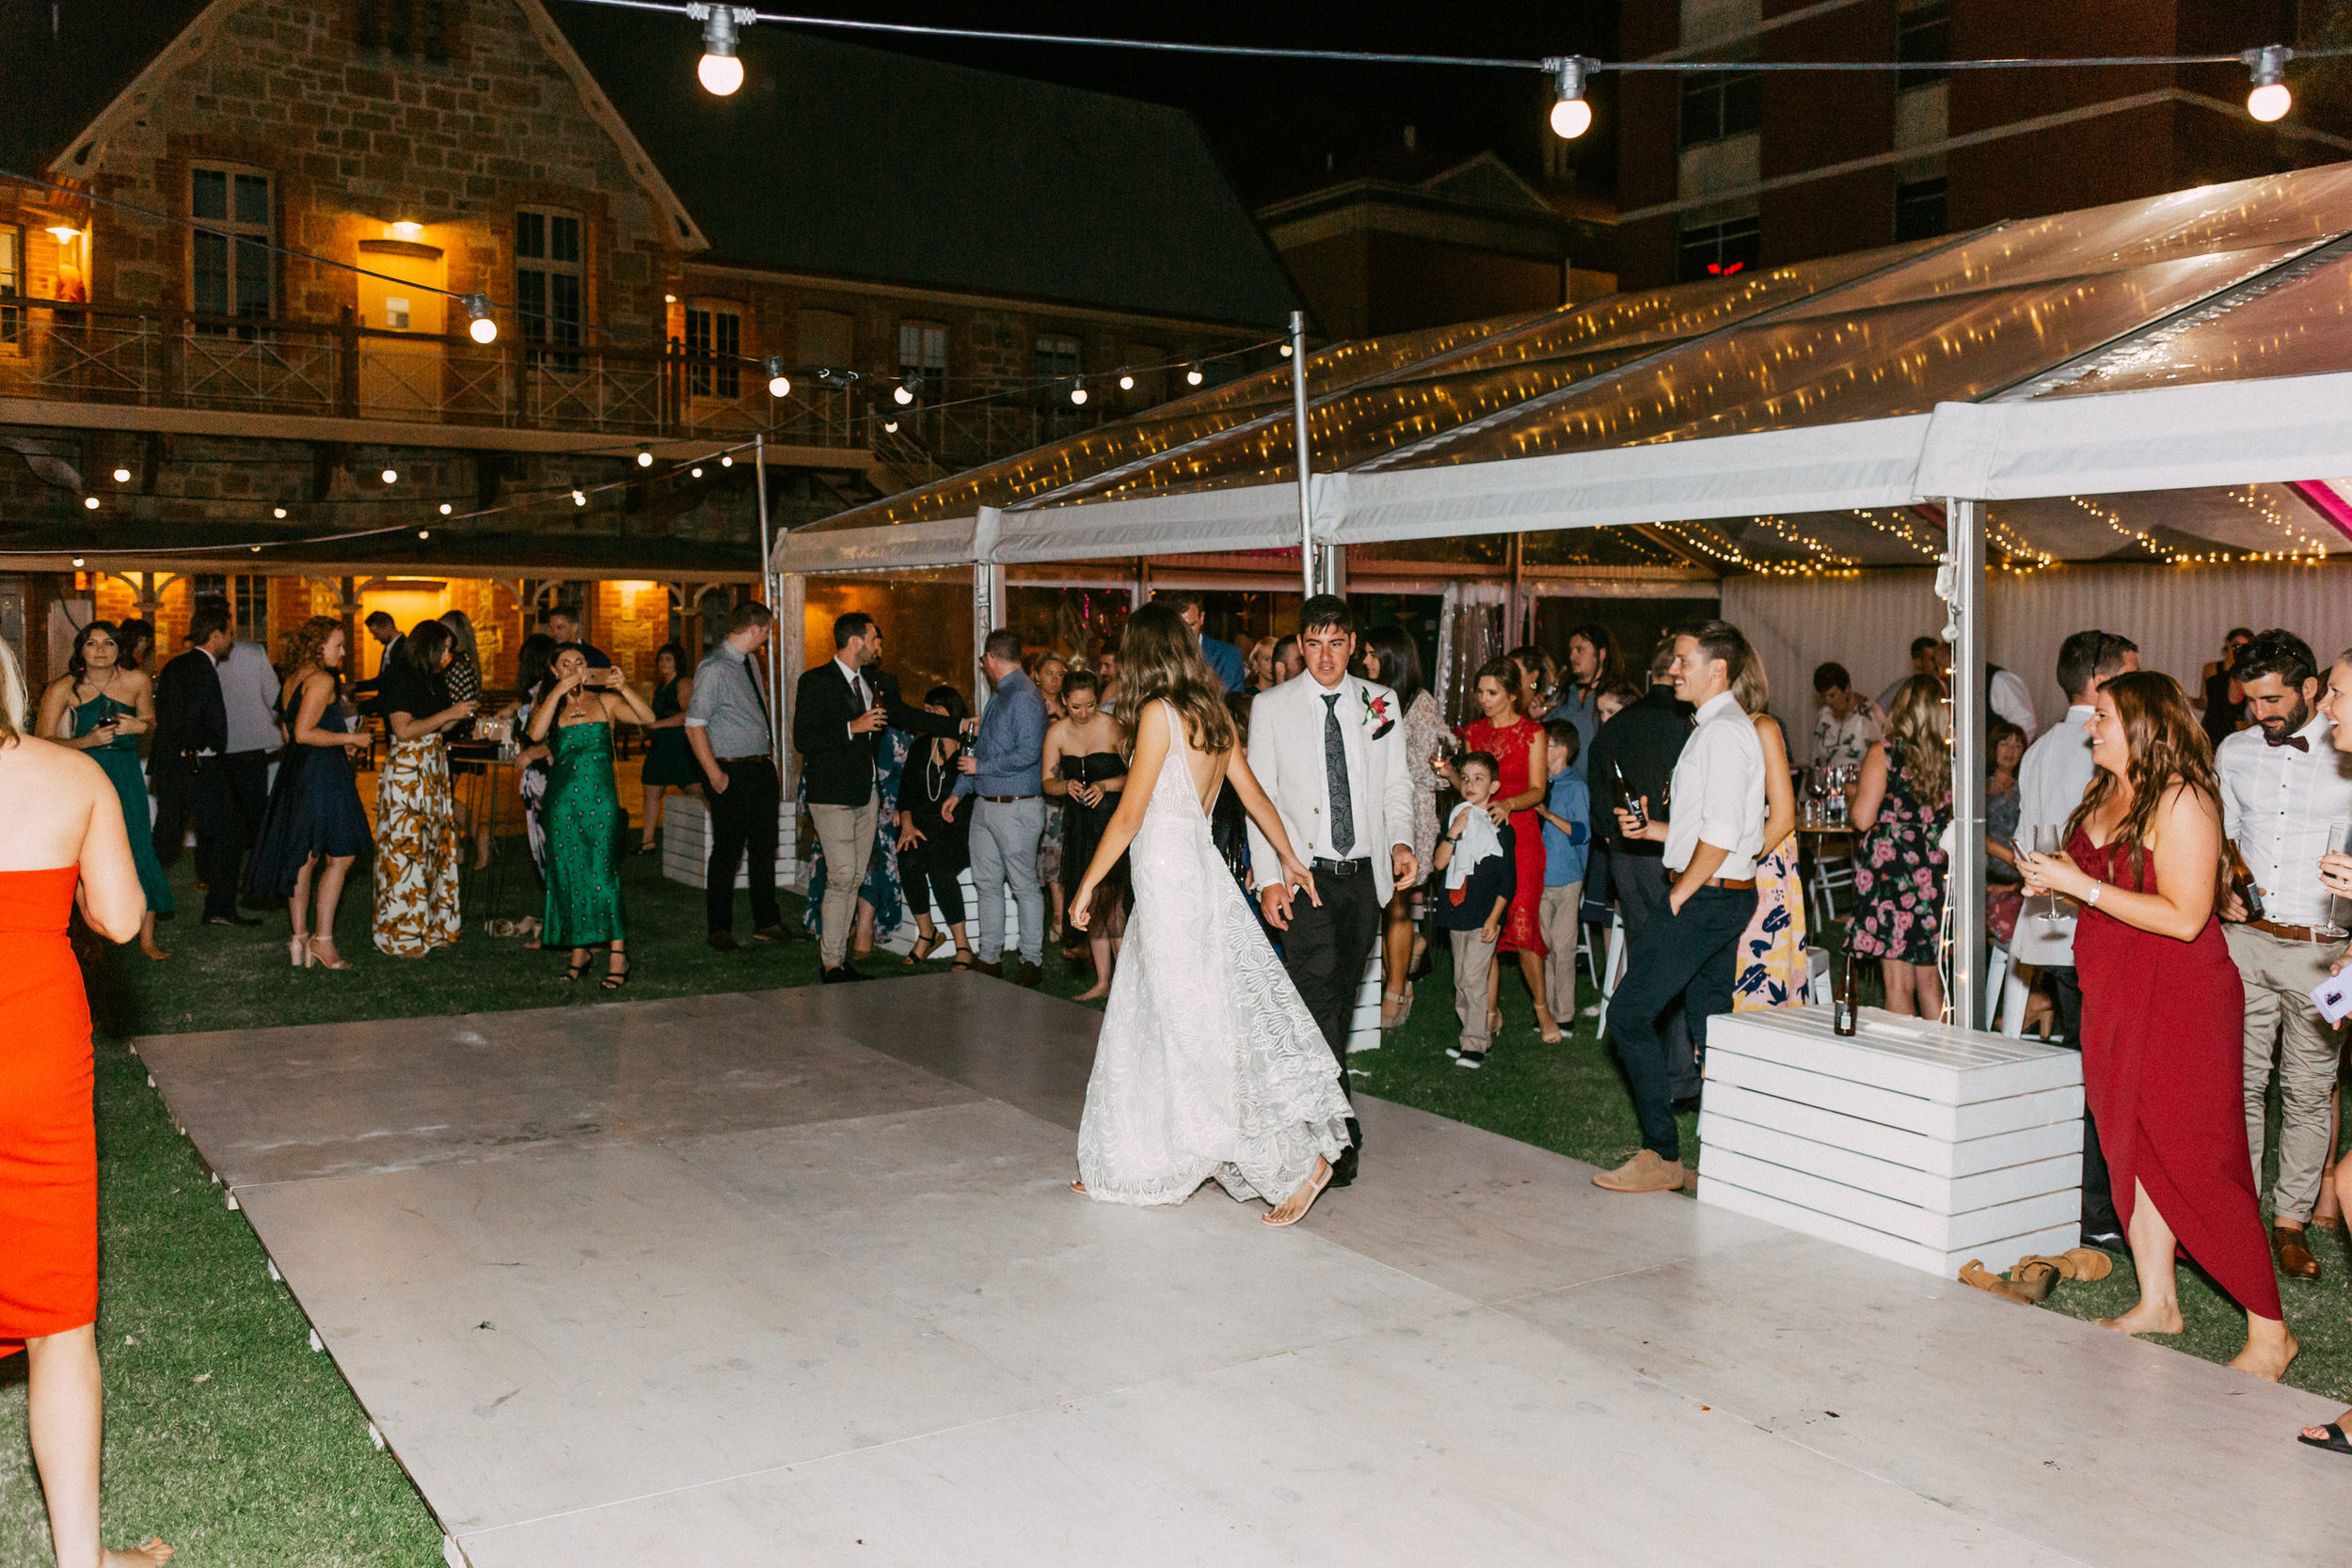 Adelaide City Fringe Garden Unearthly Delight Wedding 115.jpg